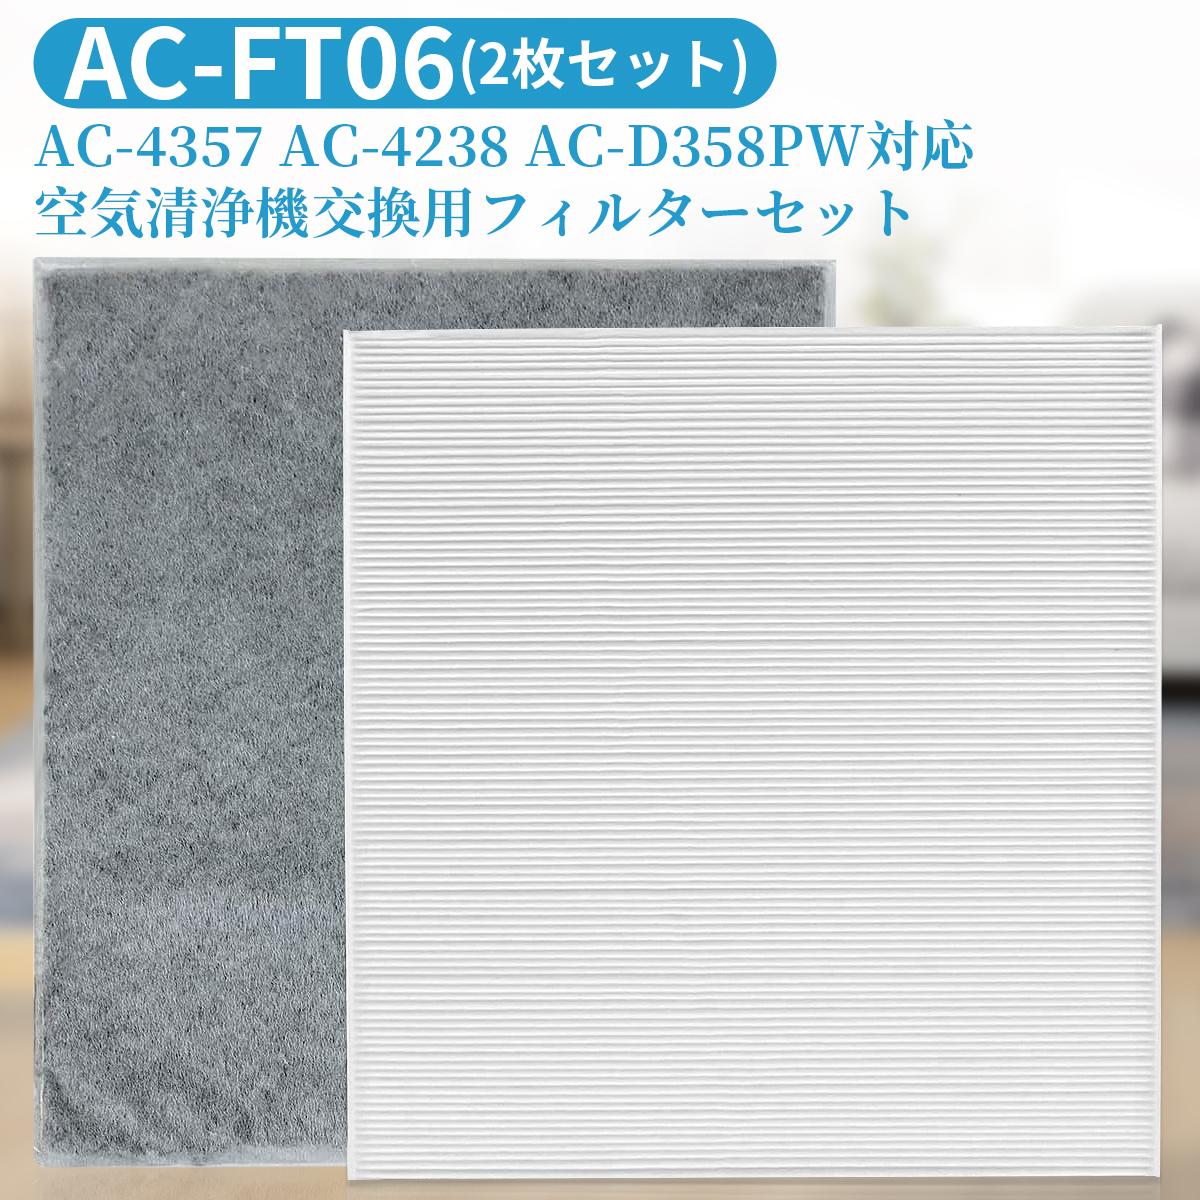 ツインバード 空気清浄機 フィルター acft06 集じんフィルター 脱臭フィルターのセット AC-FT06 交換用フィルターセット ac-ft06 ツインバード空気清浄機 2枚セット AC-4238 互換品 当店は最高な サービスを提供します 記念日 AC-4357 AC-D358PW対応 脱臭フィルター HEPA集塵フィルター